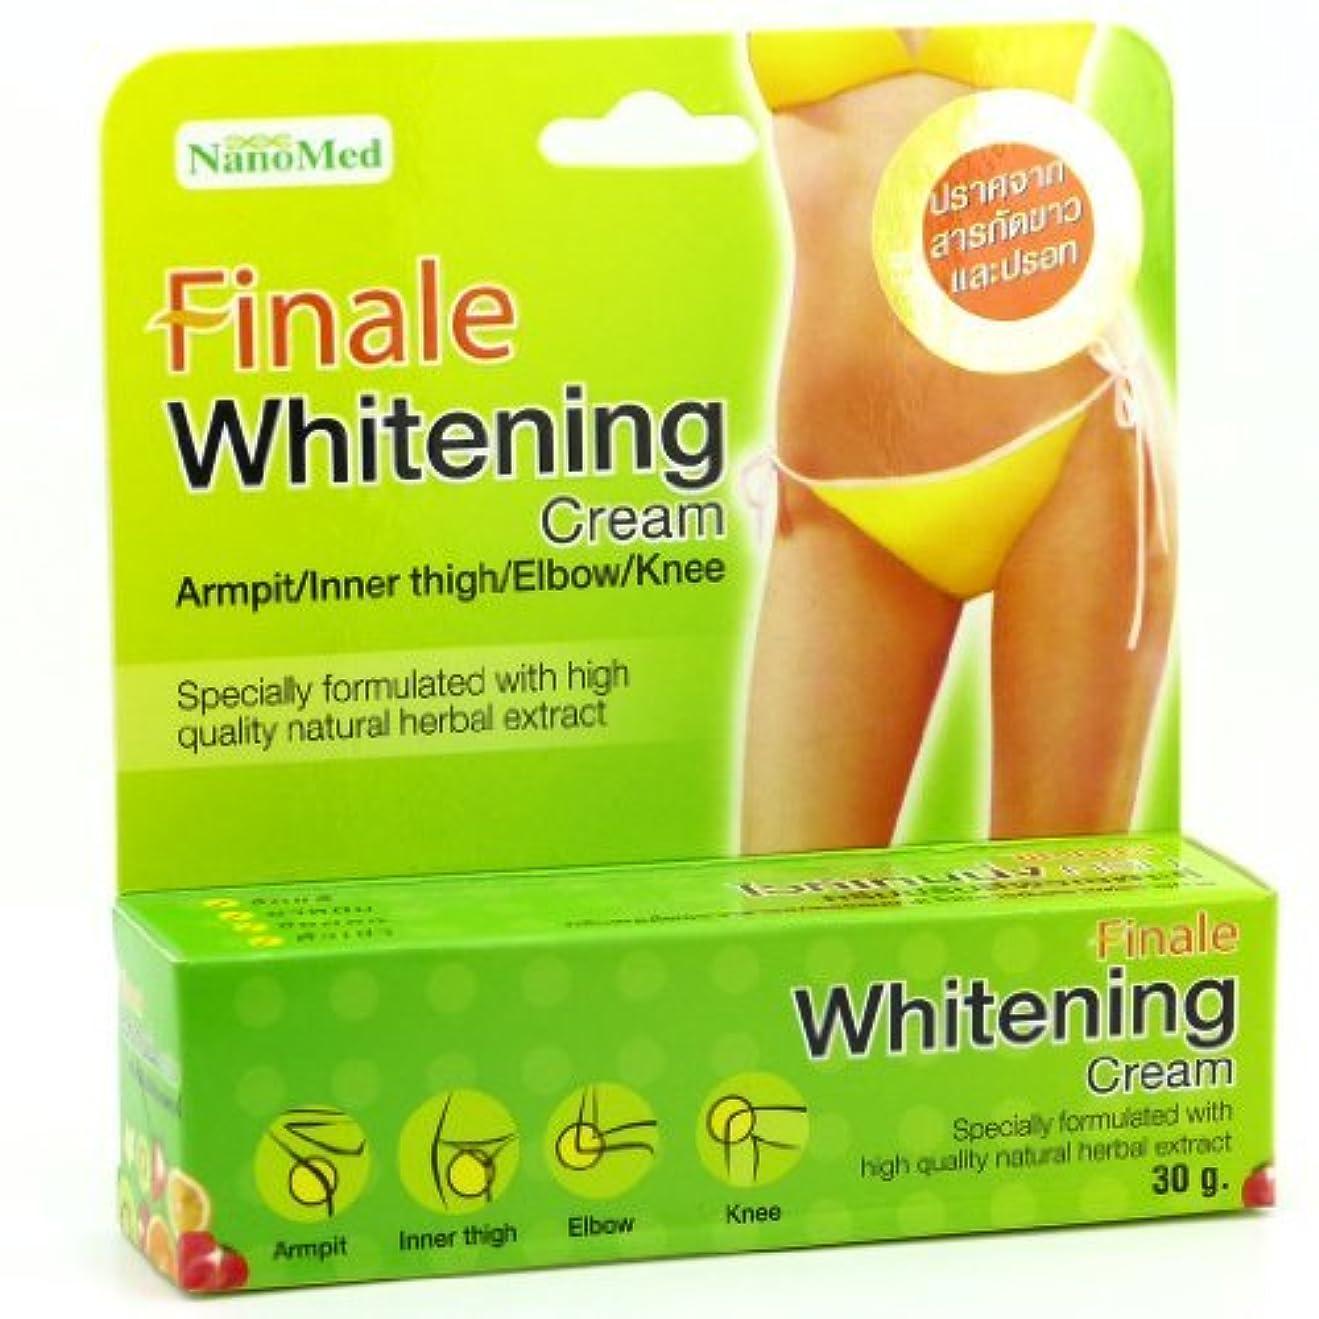 理容師見込みトランスペアレント?????????????????? Finale Whitening Cream 30g